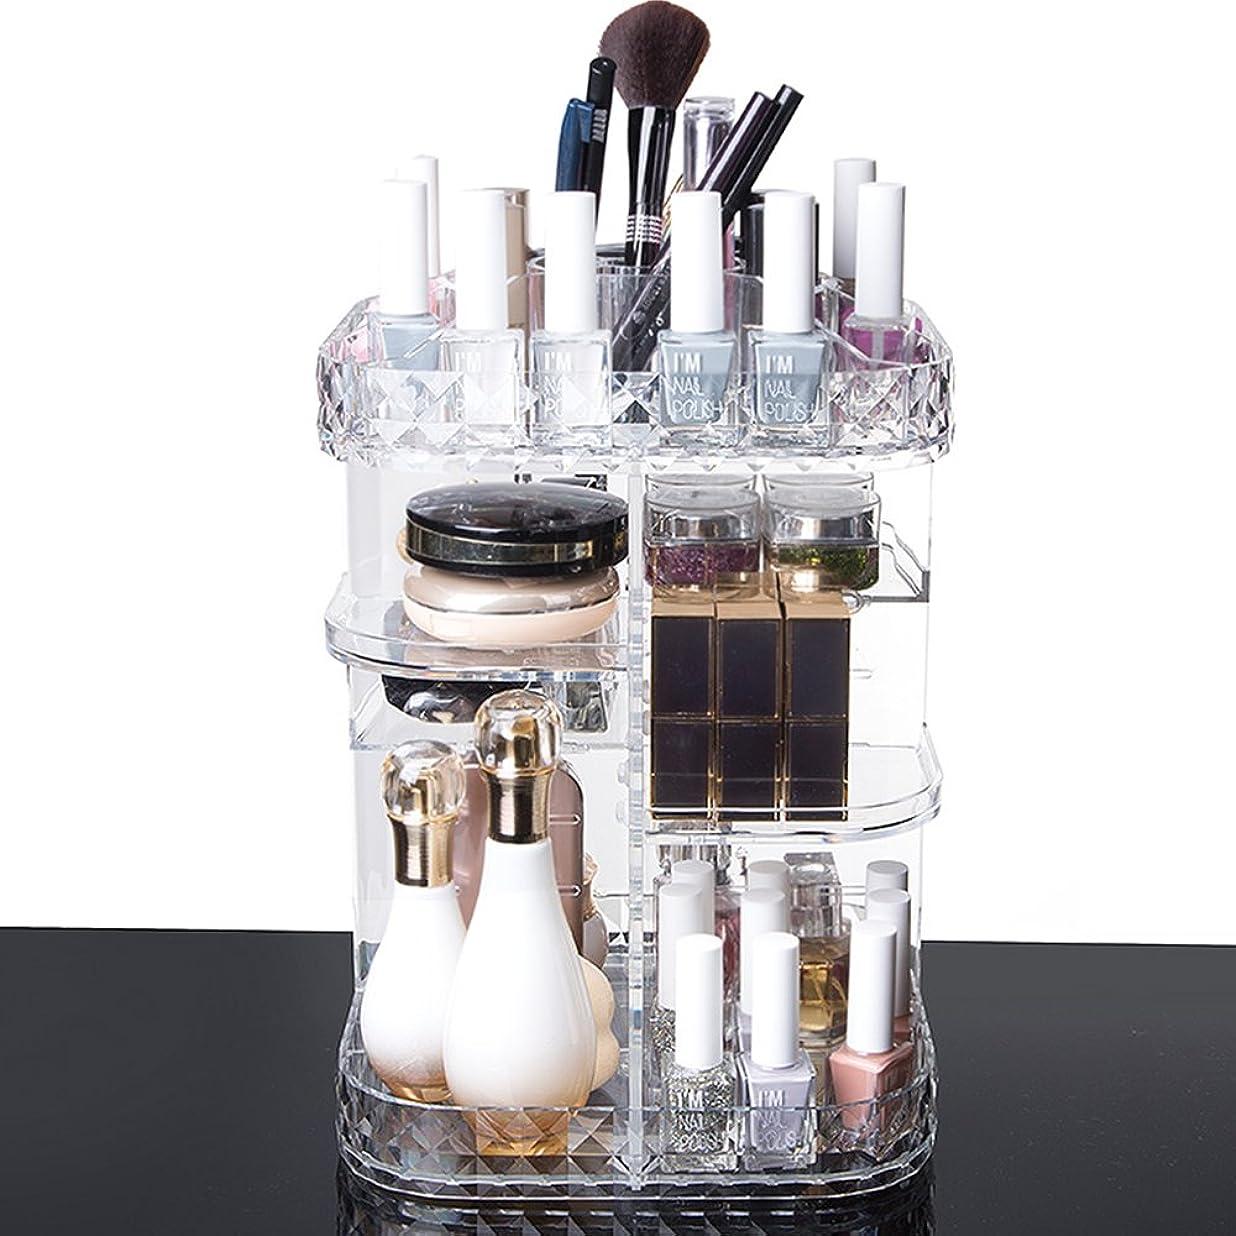 ブラザーほとんどないスパン化粧品収納ボックス メイクケース メイクボックス 化粧品入れ コスメ収納スタンド (360度回転式)